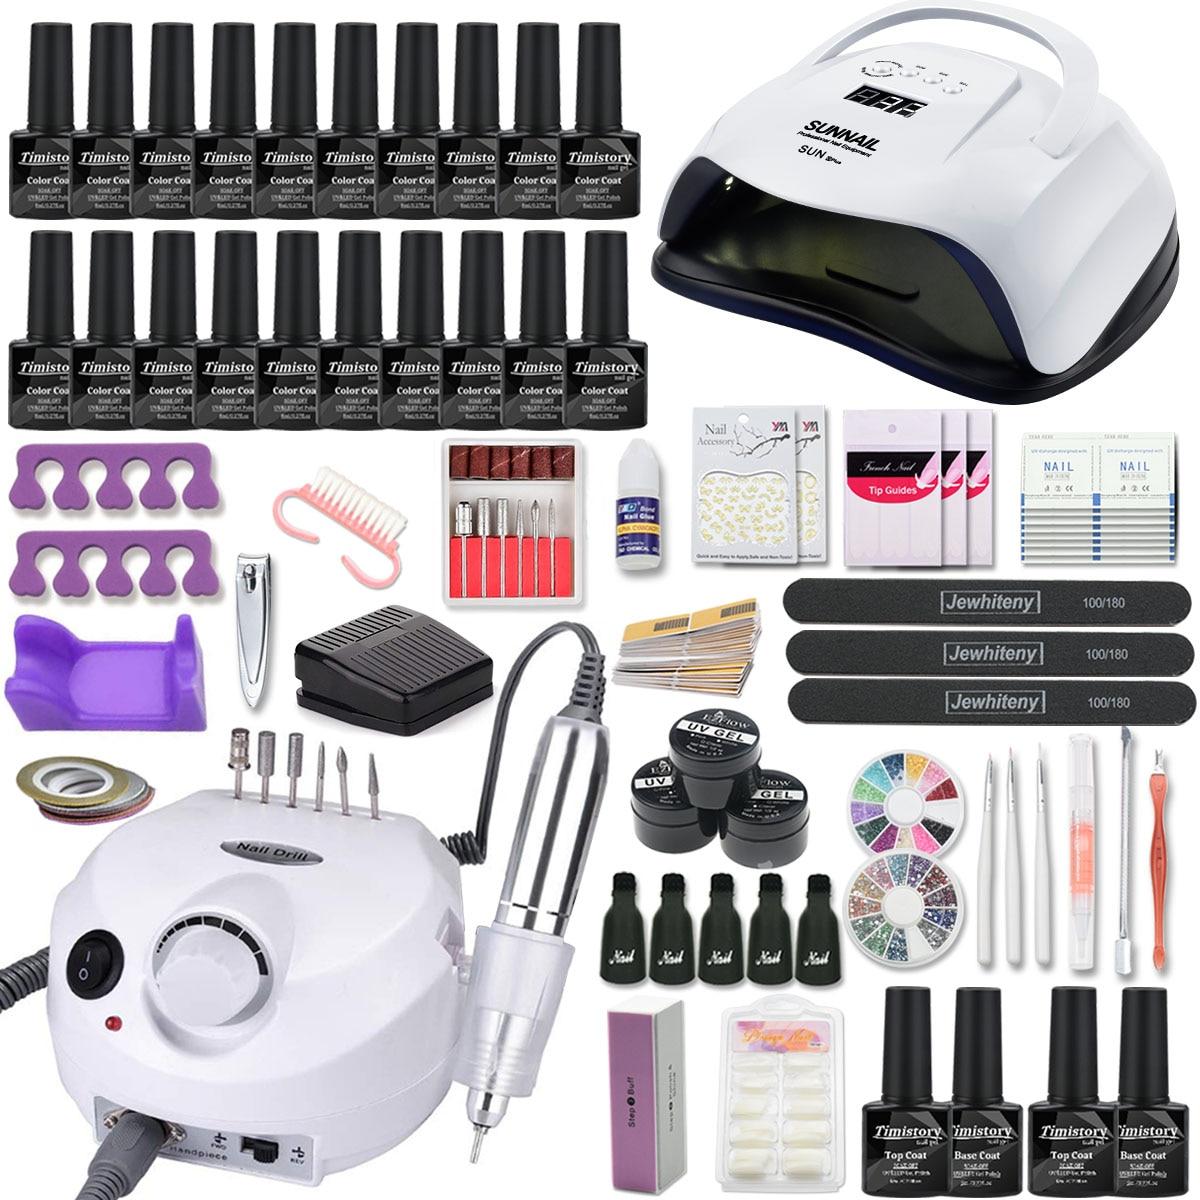 Manicure Set Nail Kit 120/80/54W UV Led Lamp With 20PCS Gel Varnish Set Electric Nail Drill Manicure Tool Kit Nail Extension Kit